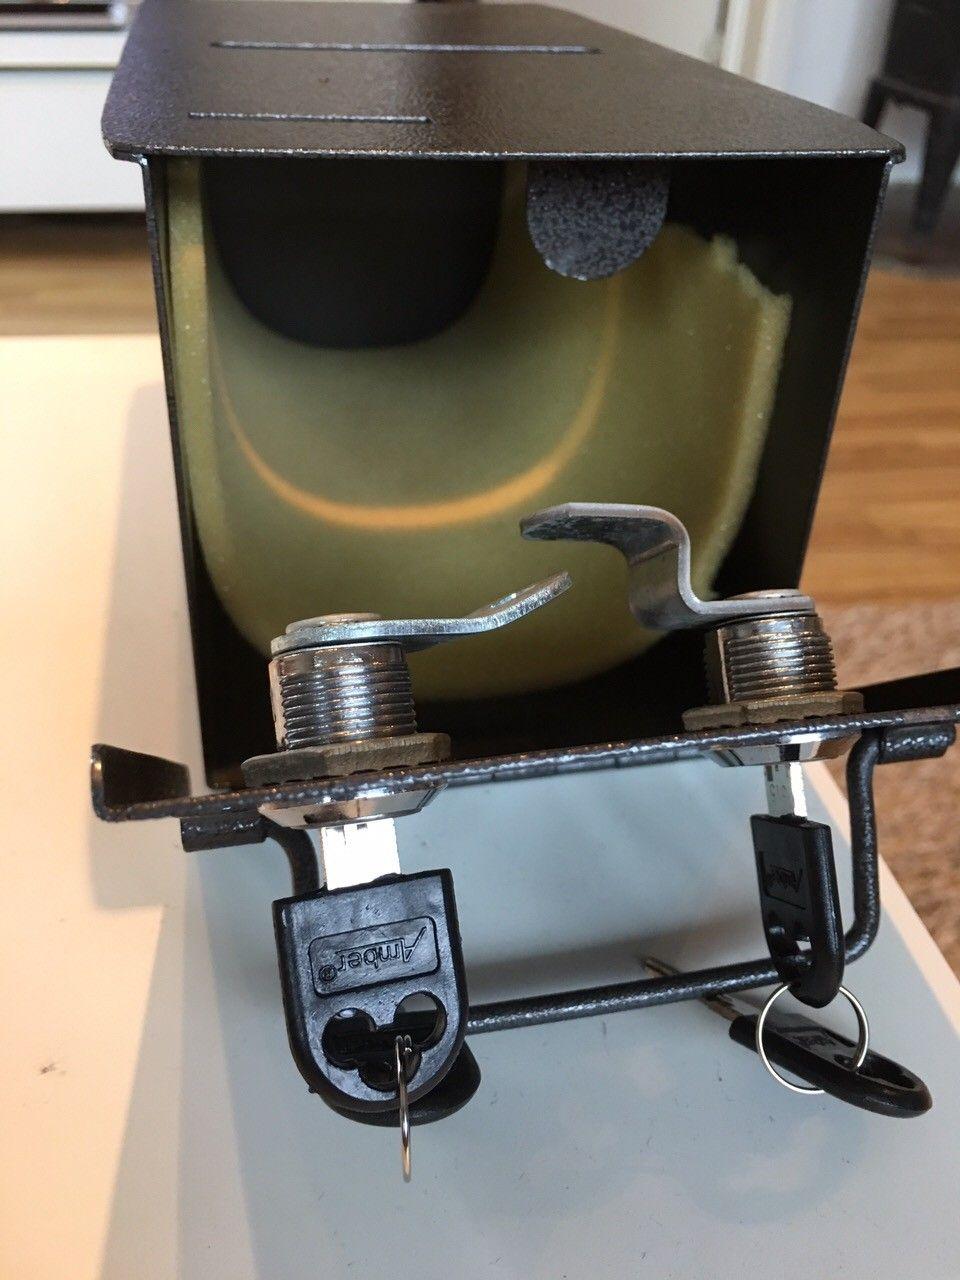 Drop box til pokerbord - Kjeller  - Drop box til montering under pokerbord selges billig. - Kjeller